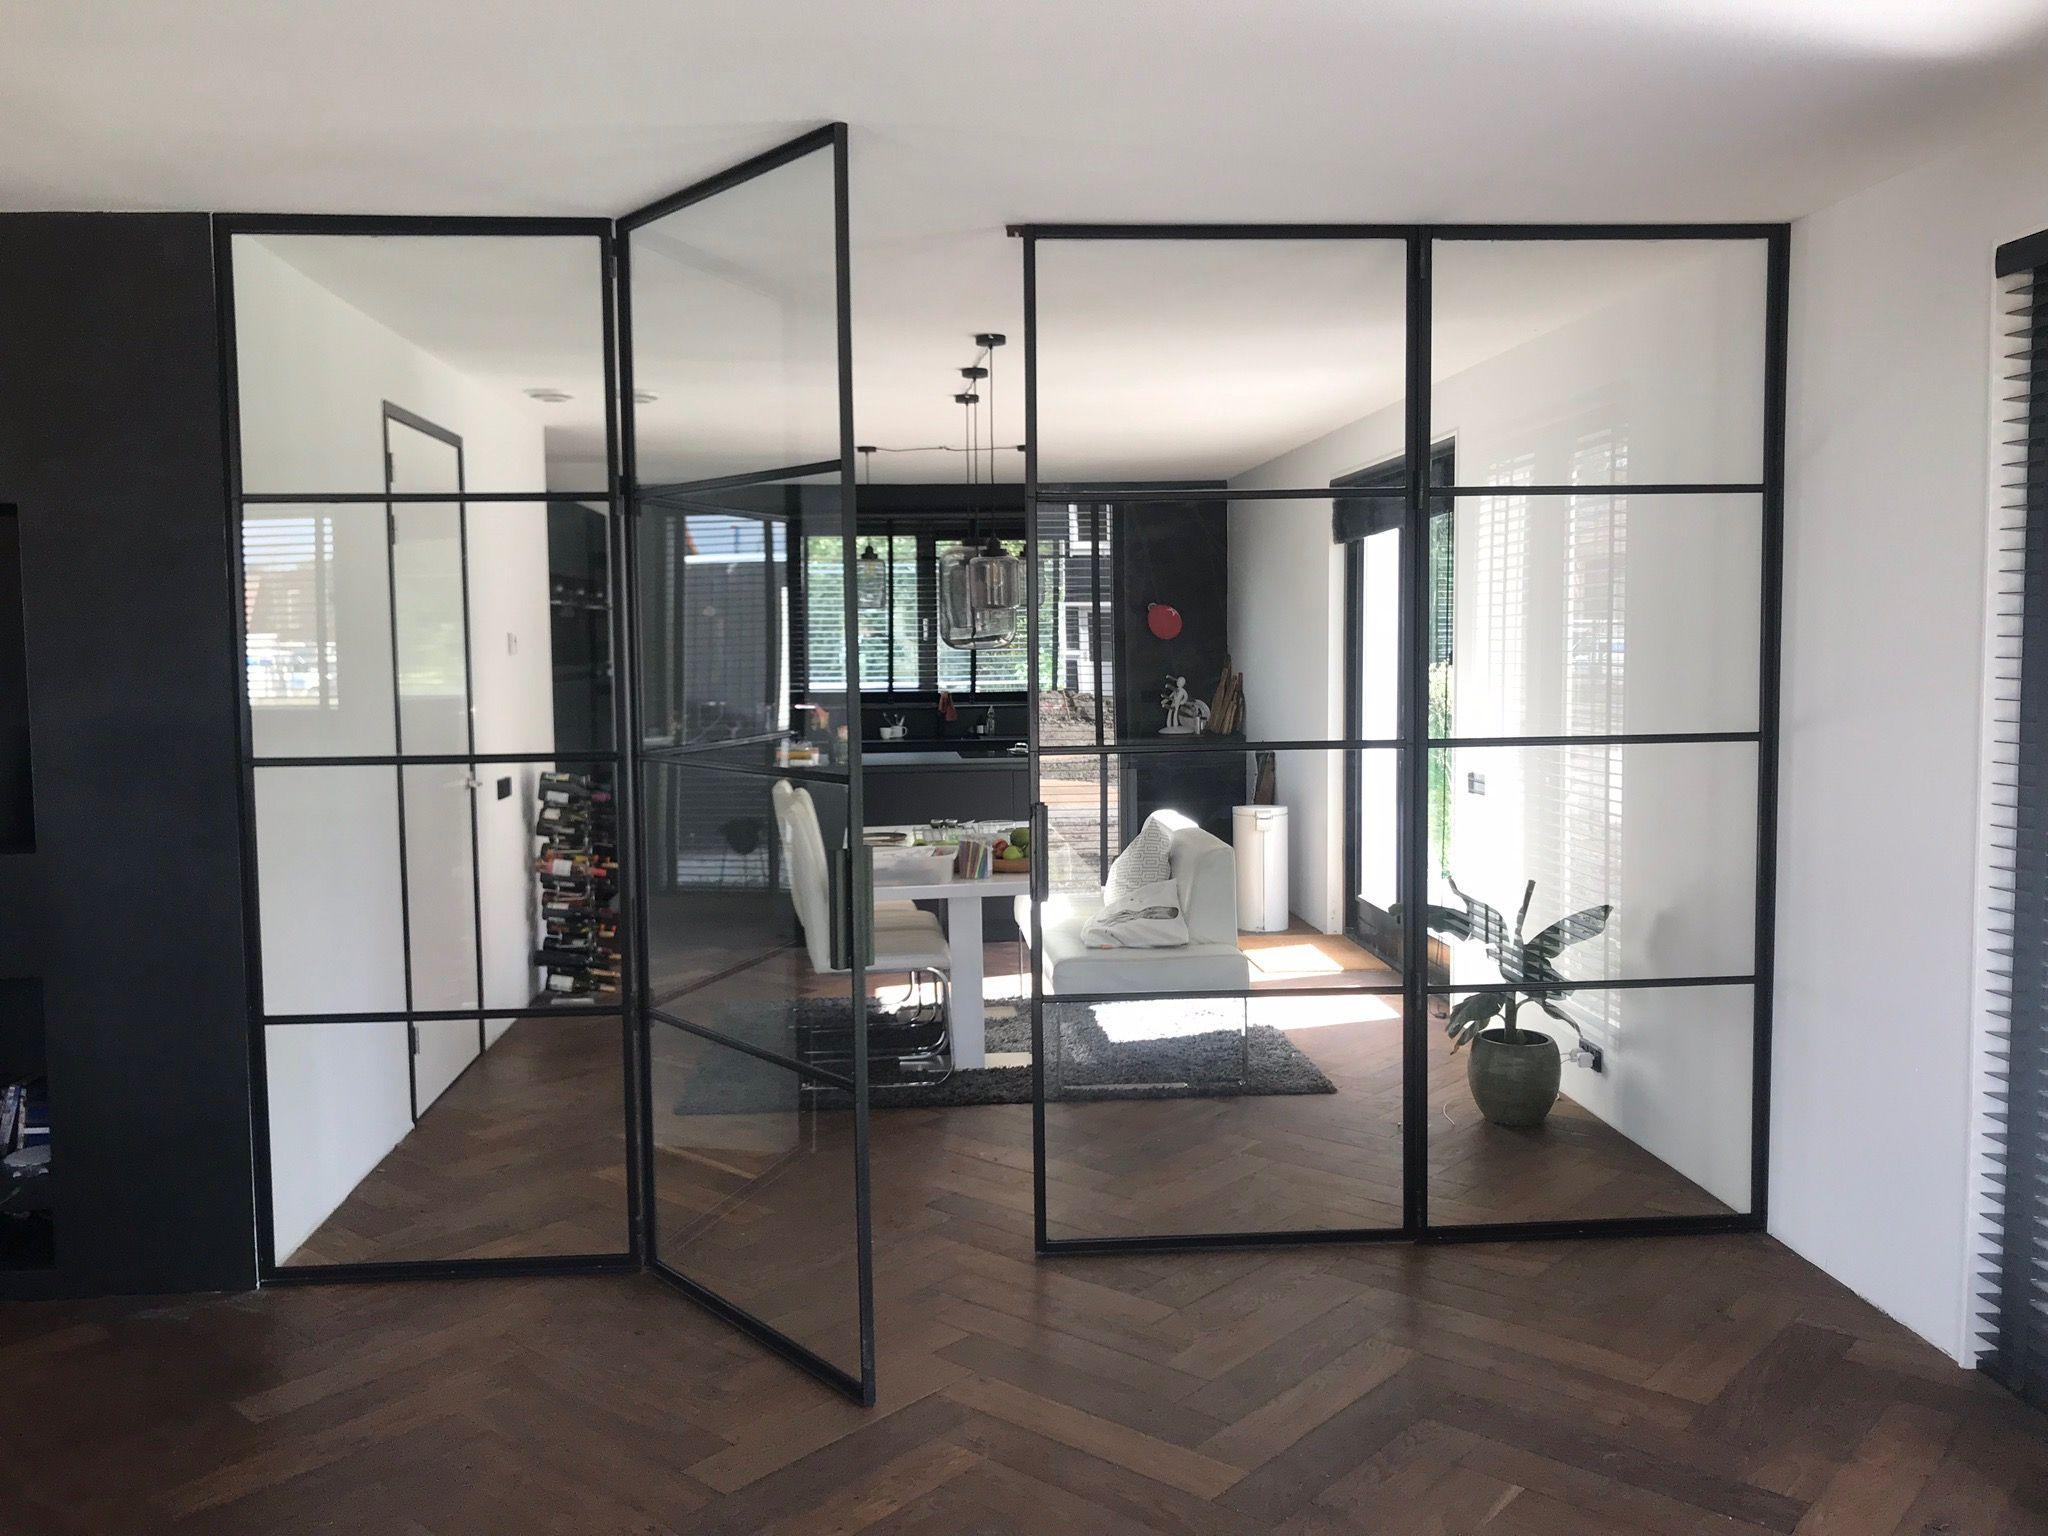 Mooie Glas Wand Met 2 Deuren Industrial Works Gewoon Maatwerk Huis Interieur Glazen Wanden Deuren Interieur